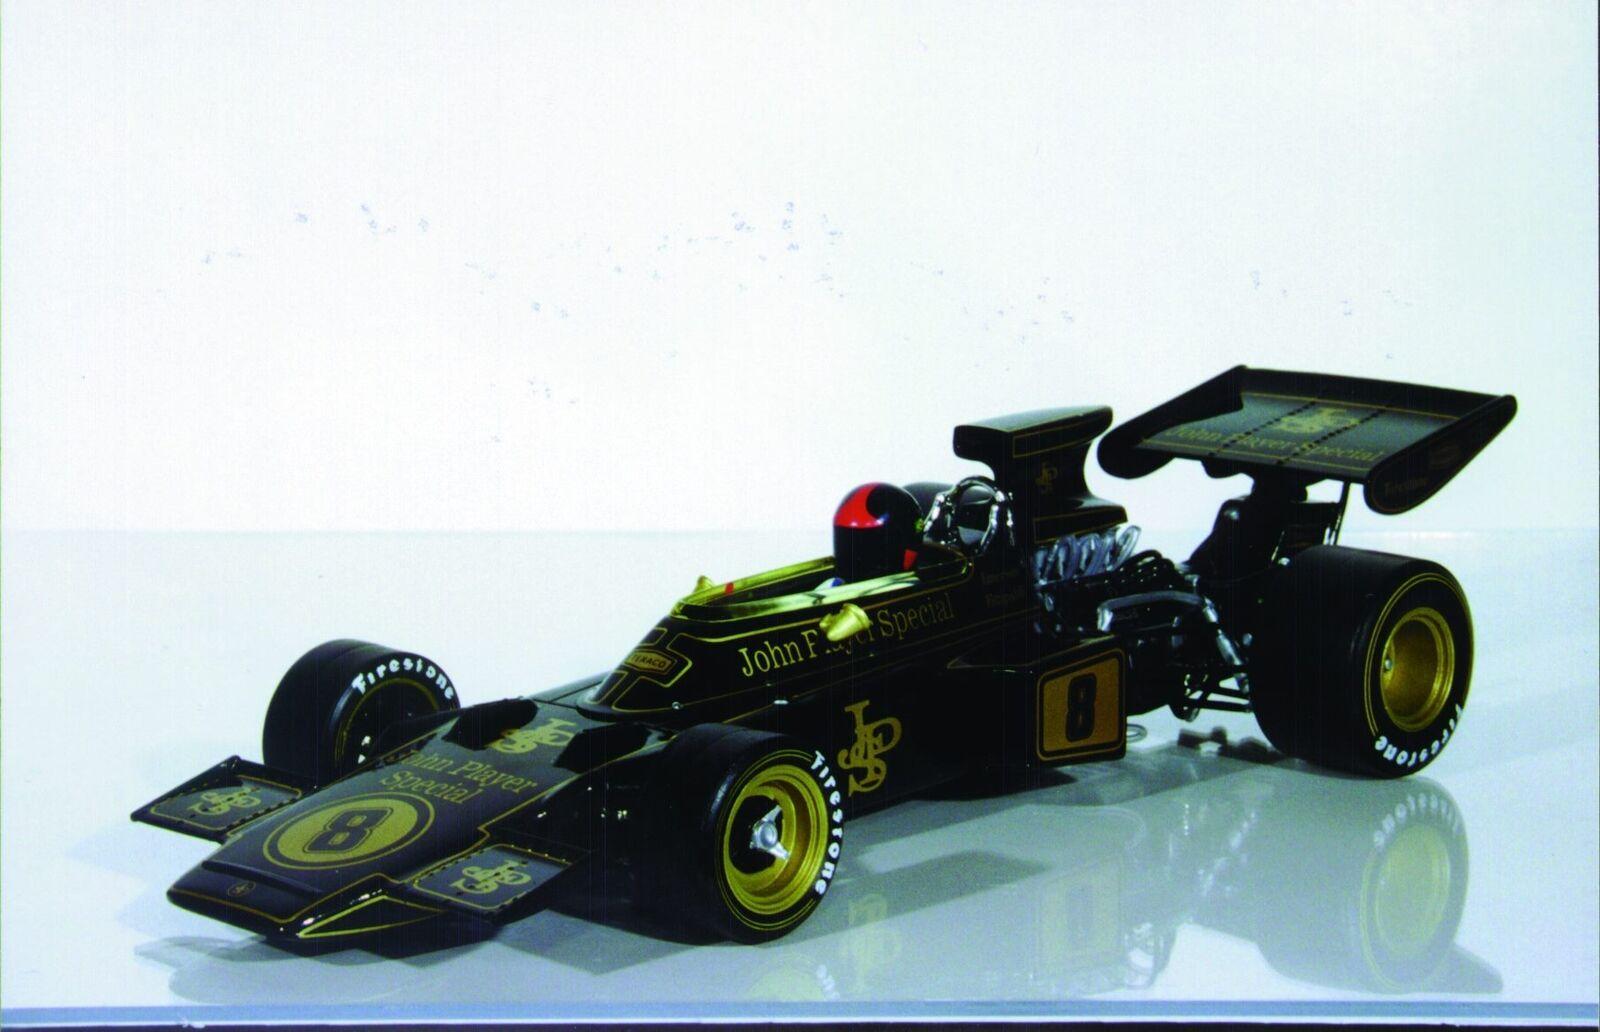 1:18 A Model Lotus 72D JPS '72 British Grand Prix  8 E. Fittipaldi